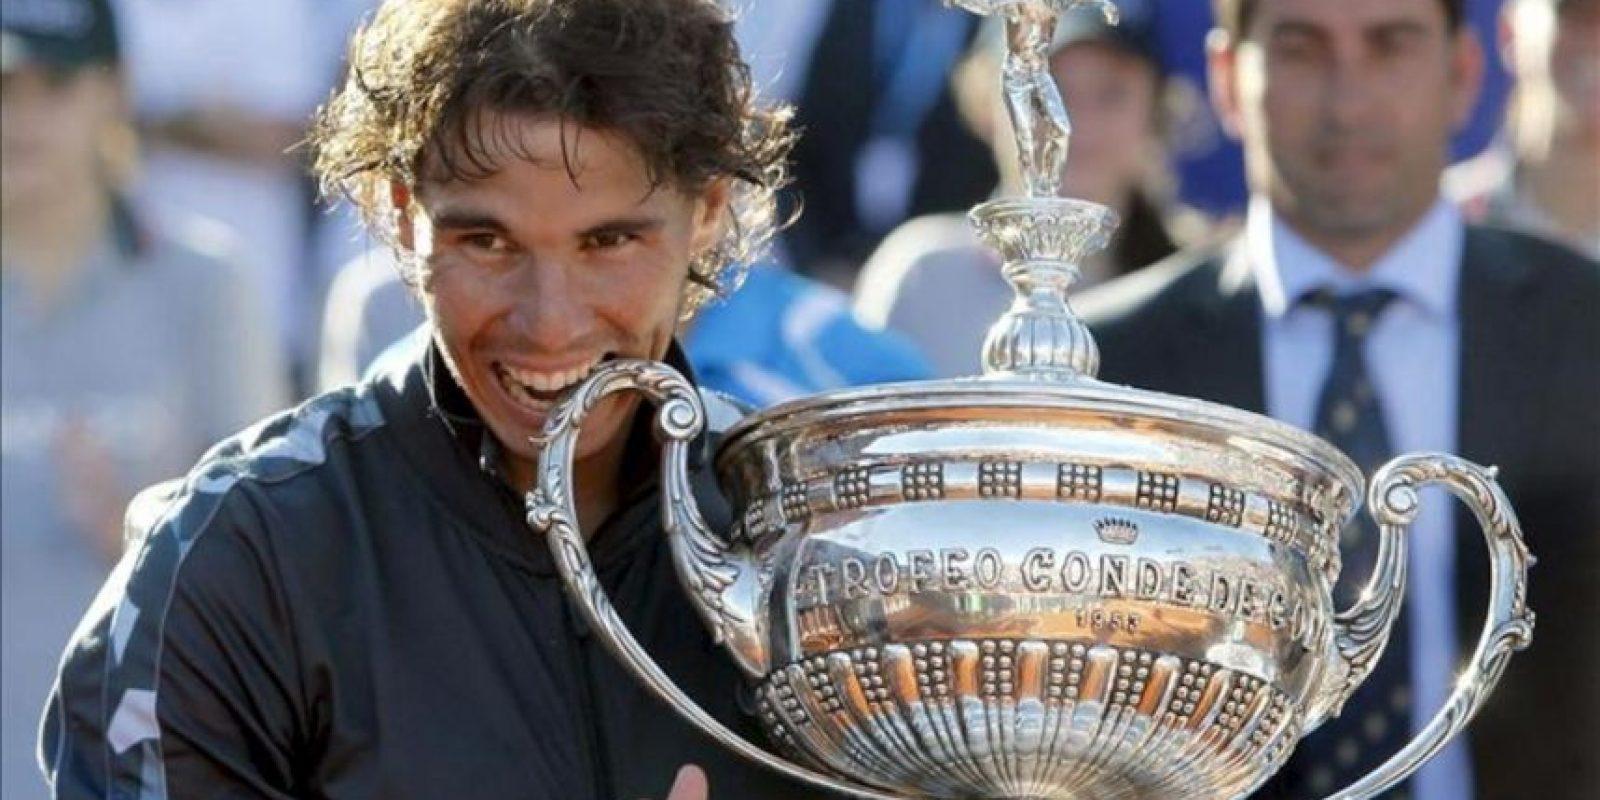 El tenista Rafa Nadal celebra su victoria en el trofeo Conde de Godó tras vencer en la final a David Ferrer en el Real Club de Tenis de Barcelona. EFE